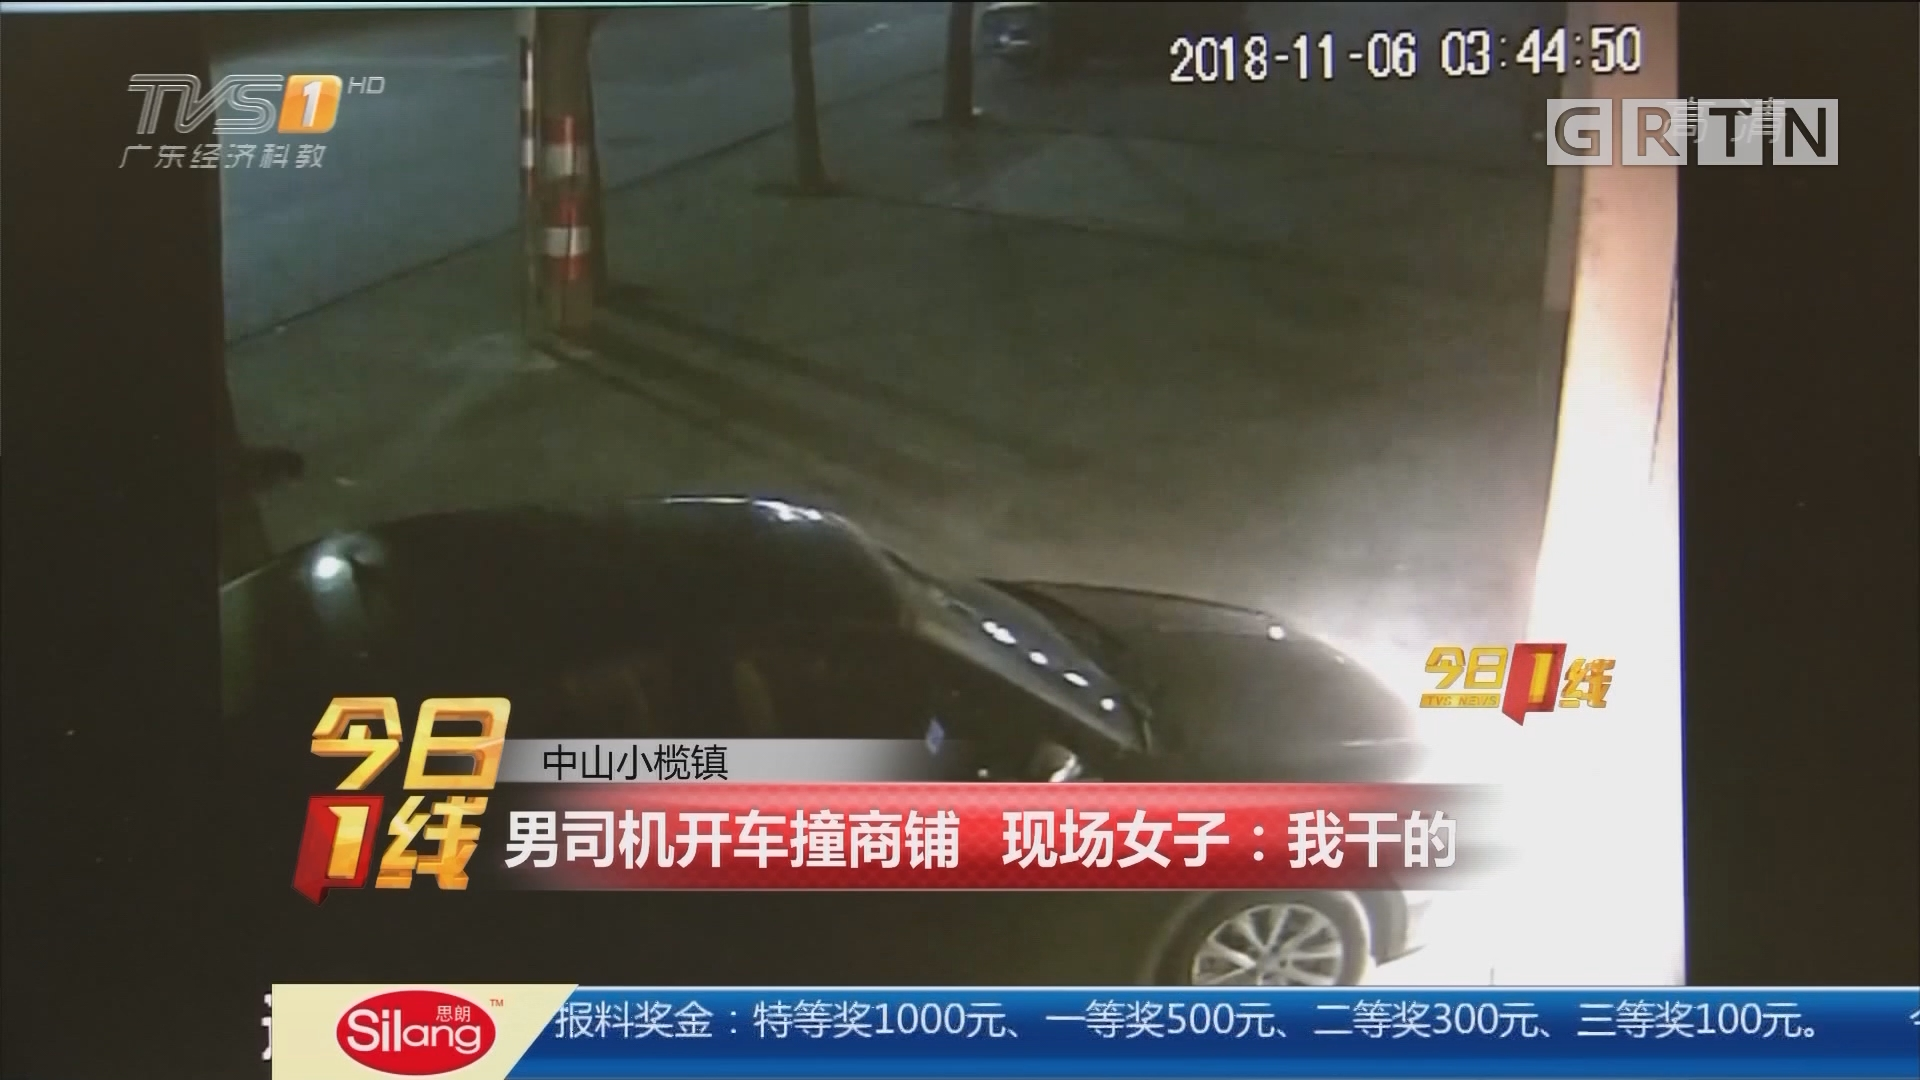 中山小榄镇:男司机开车撞商铺 现场女子:我干的